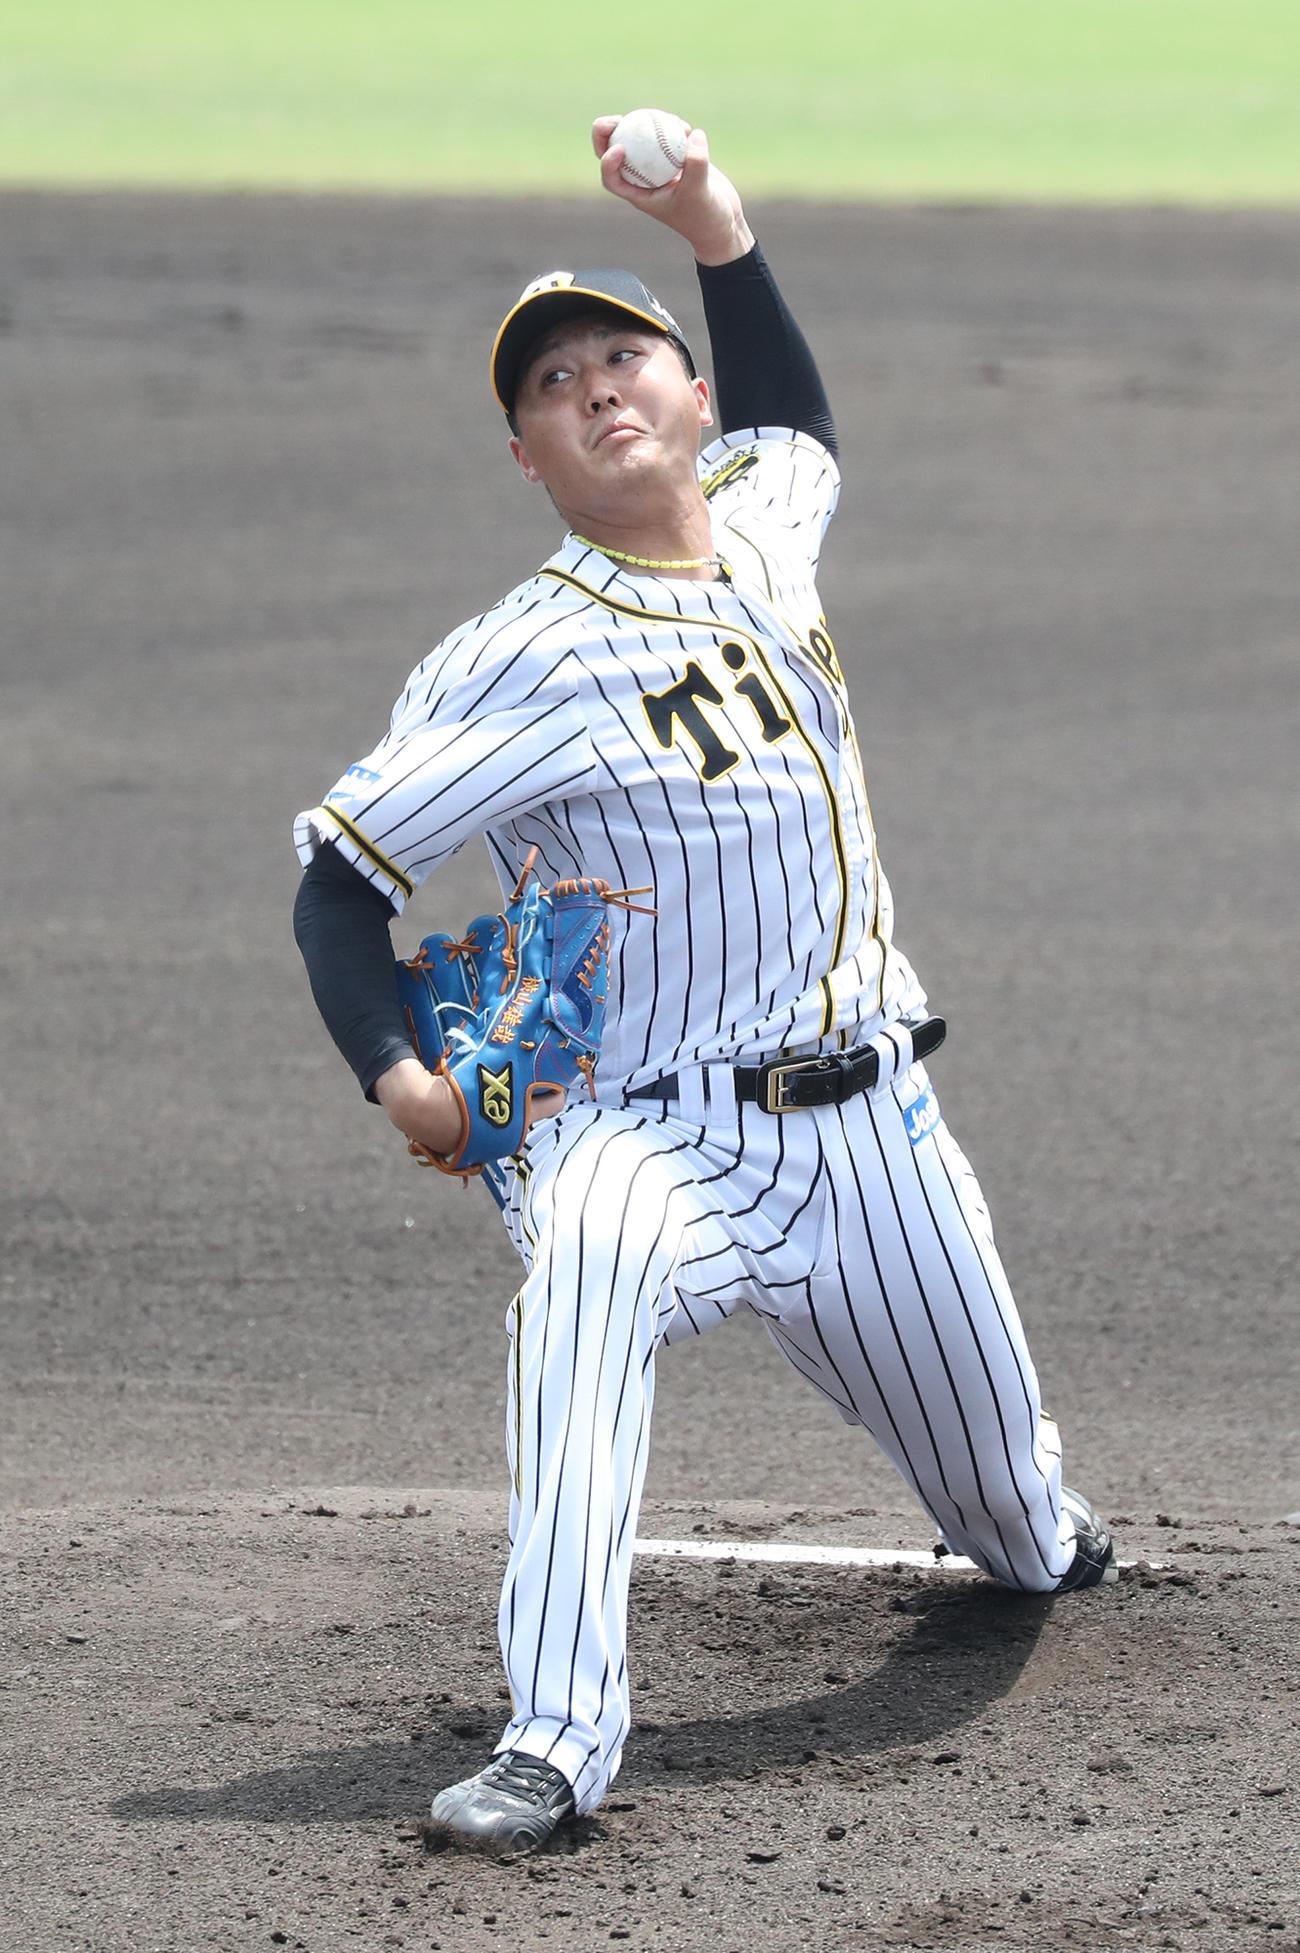 2軍練習試合 阪神-広島 先発の横山は3回を無失点に抑える(代表撮影)